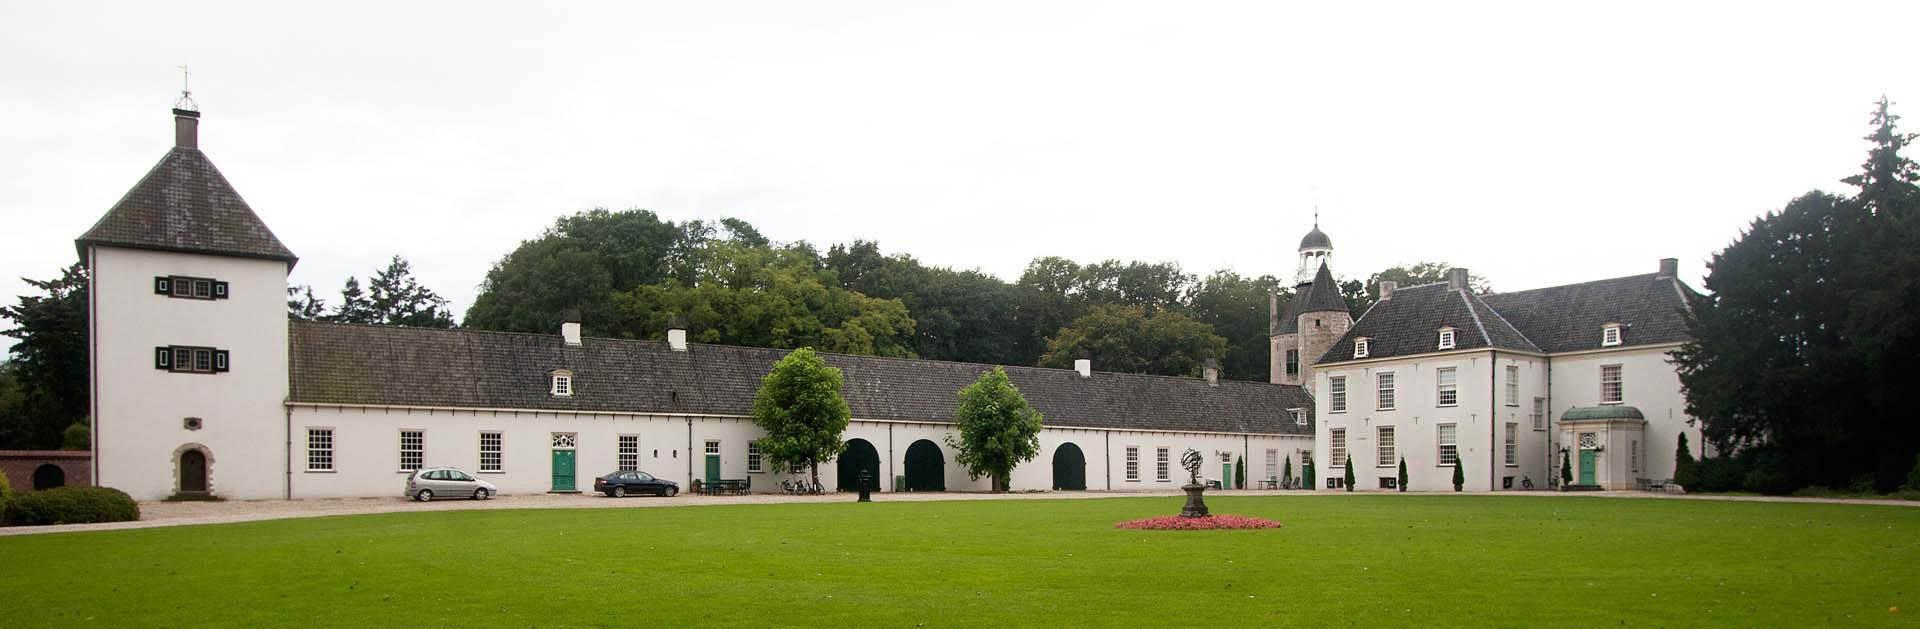 Kasteel Wisch - Terborg